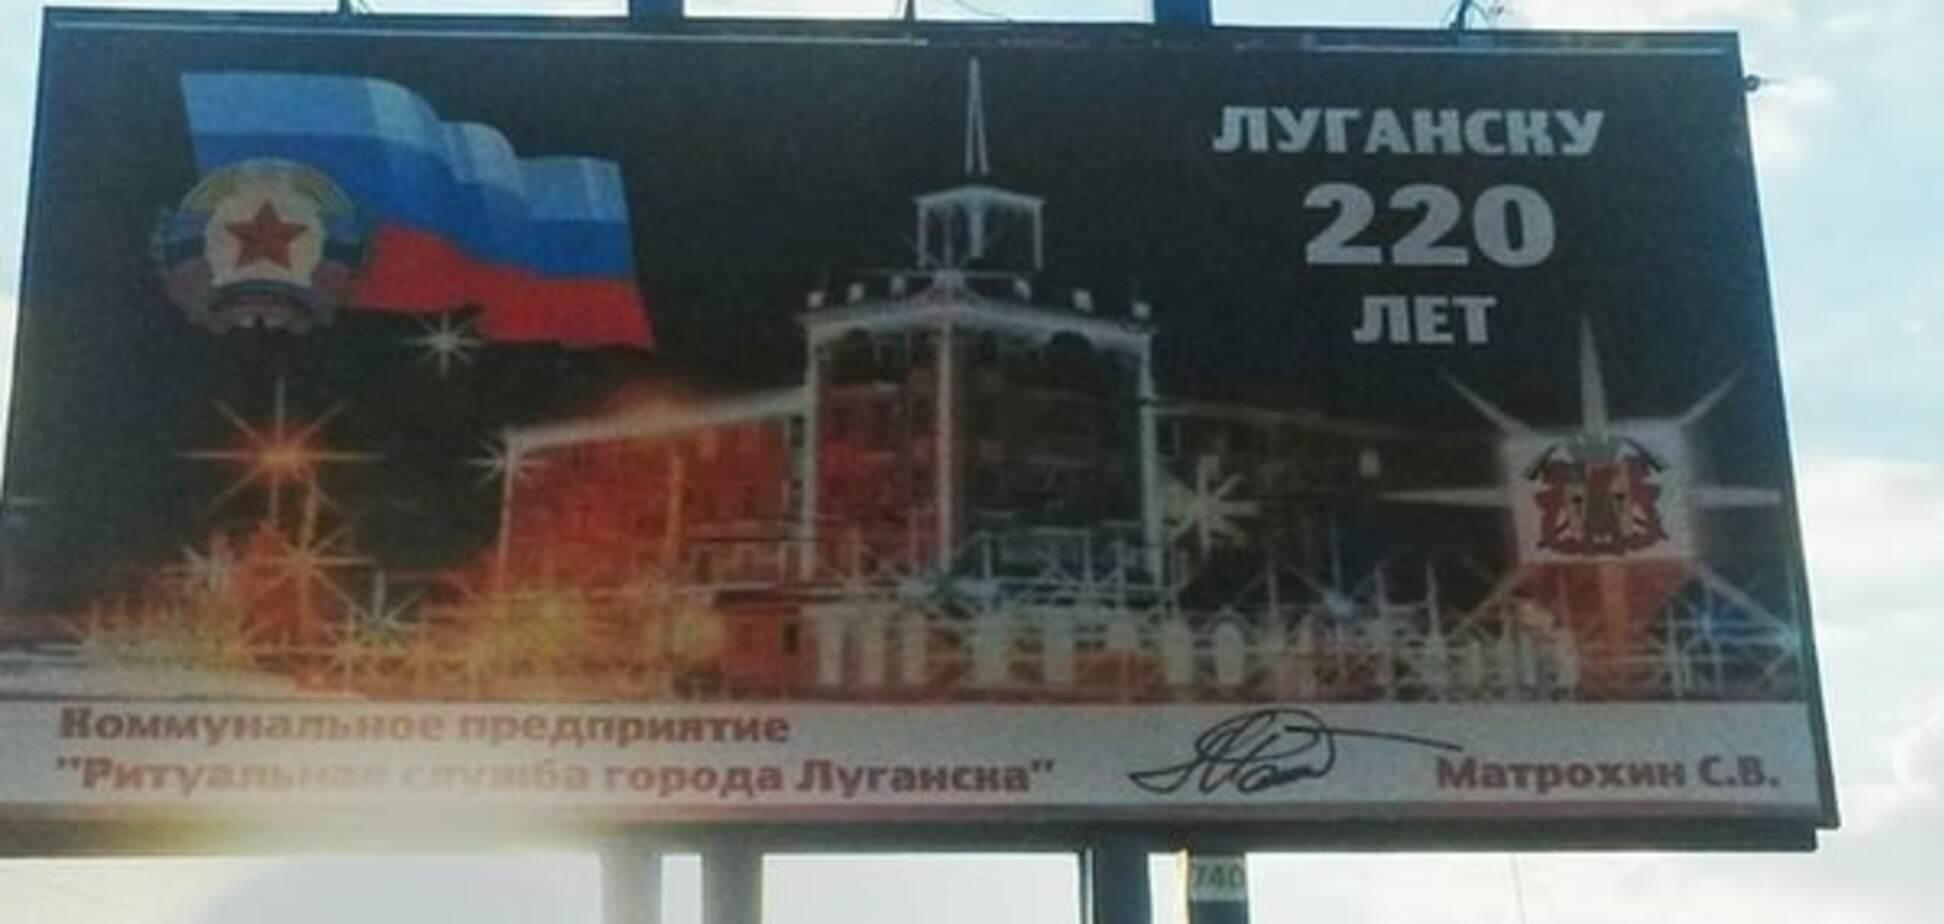 Время пришло? В Луганске ко Дню Города расклеили 'траурные' плакаты. Фотофакт